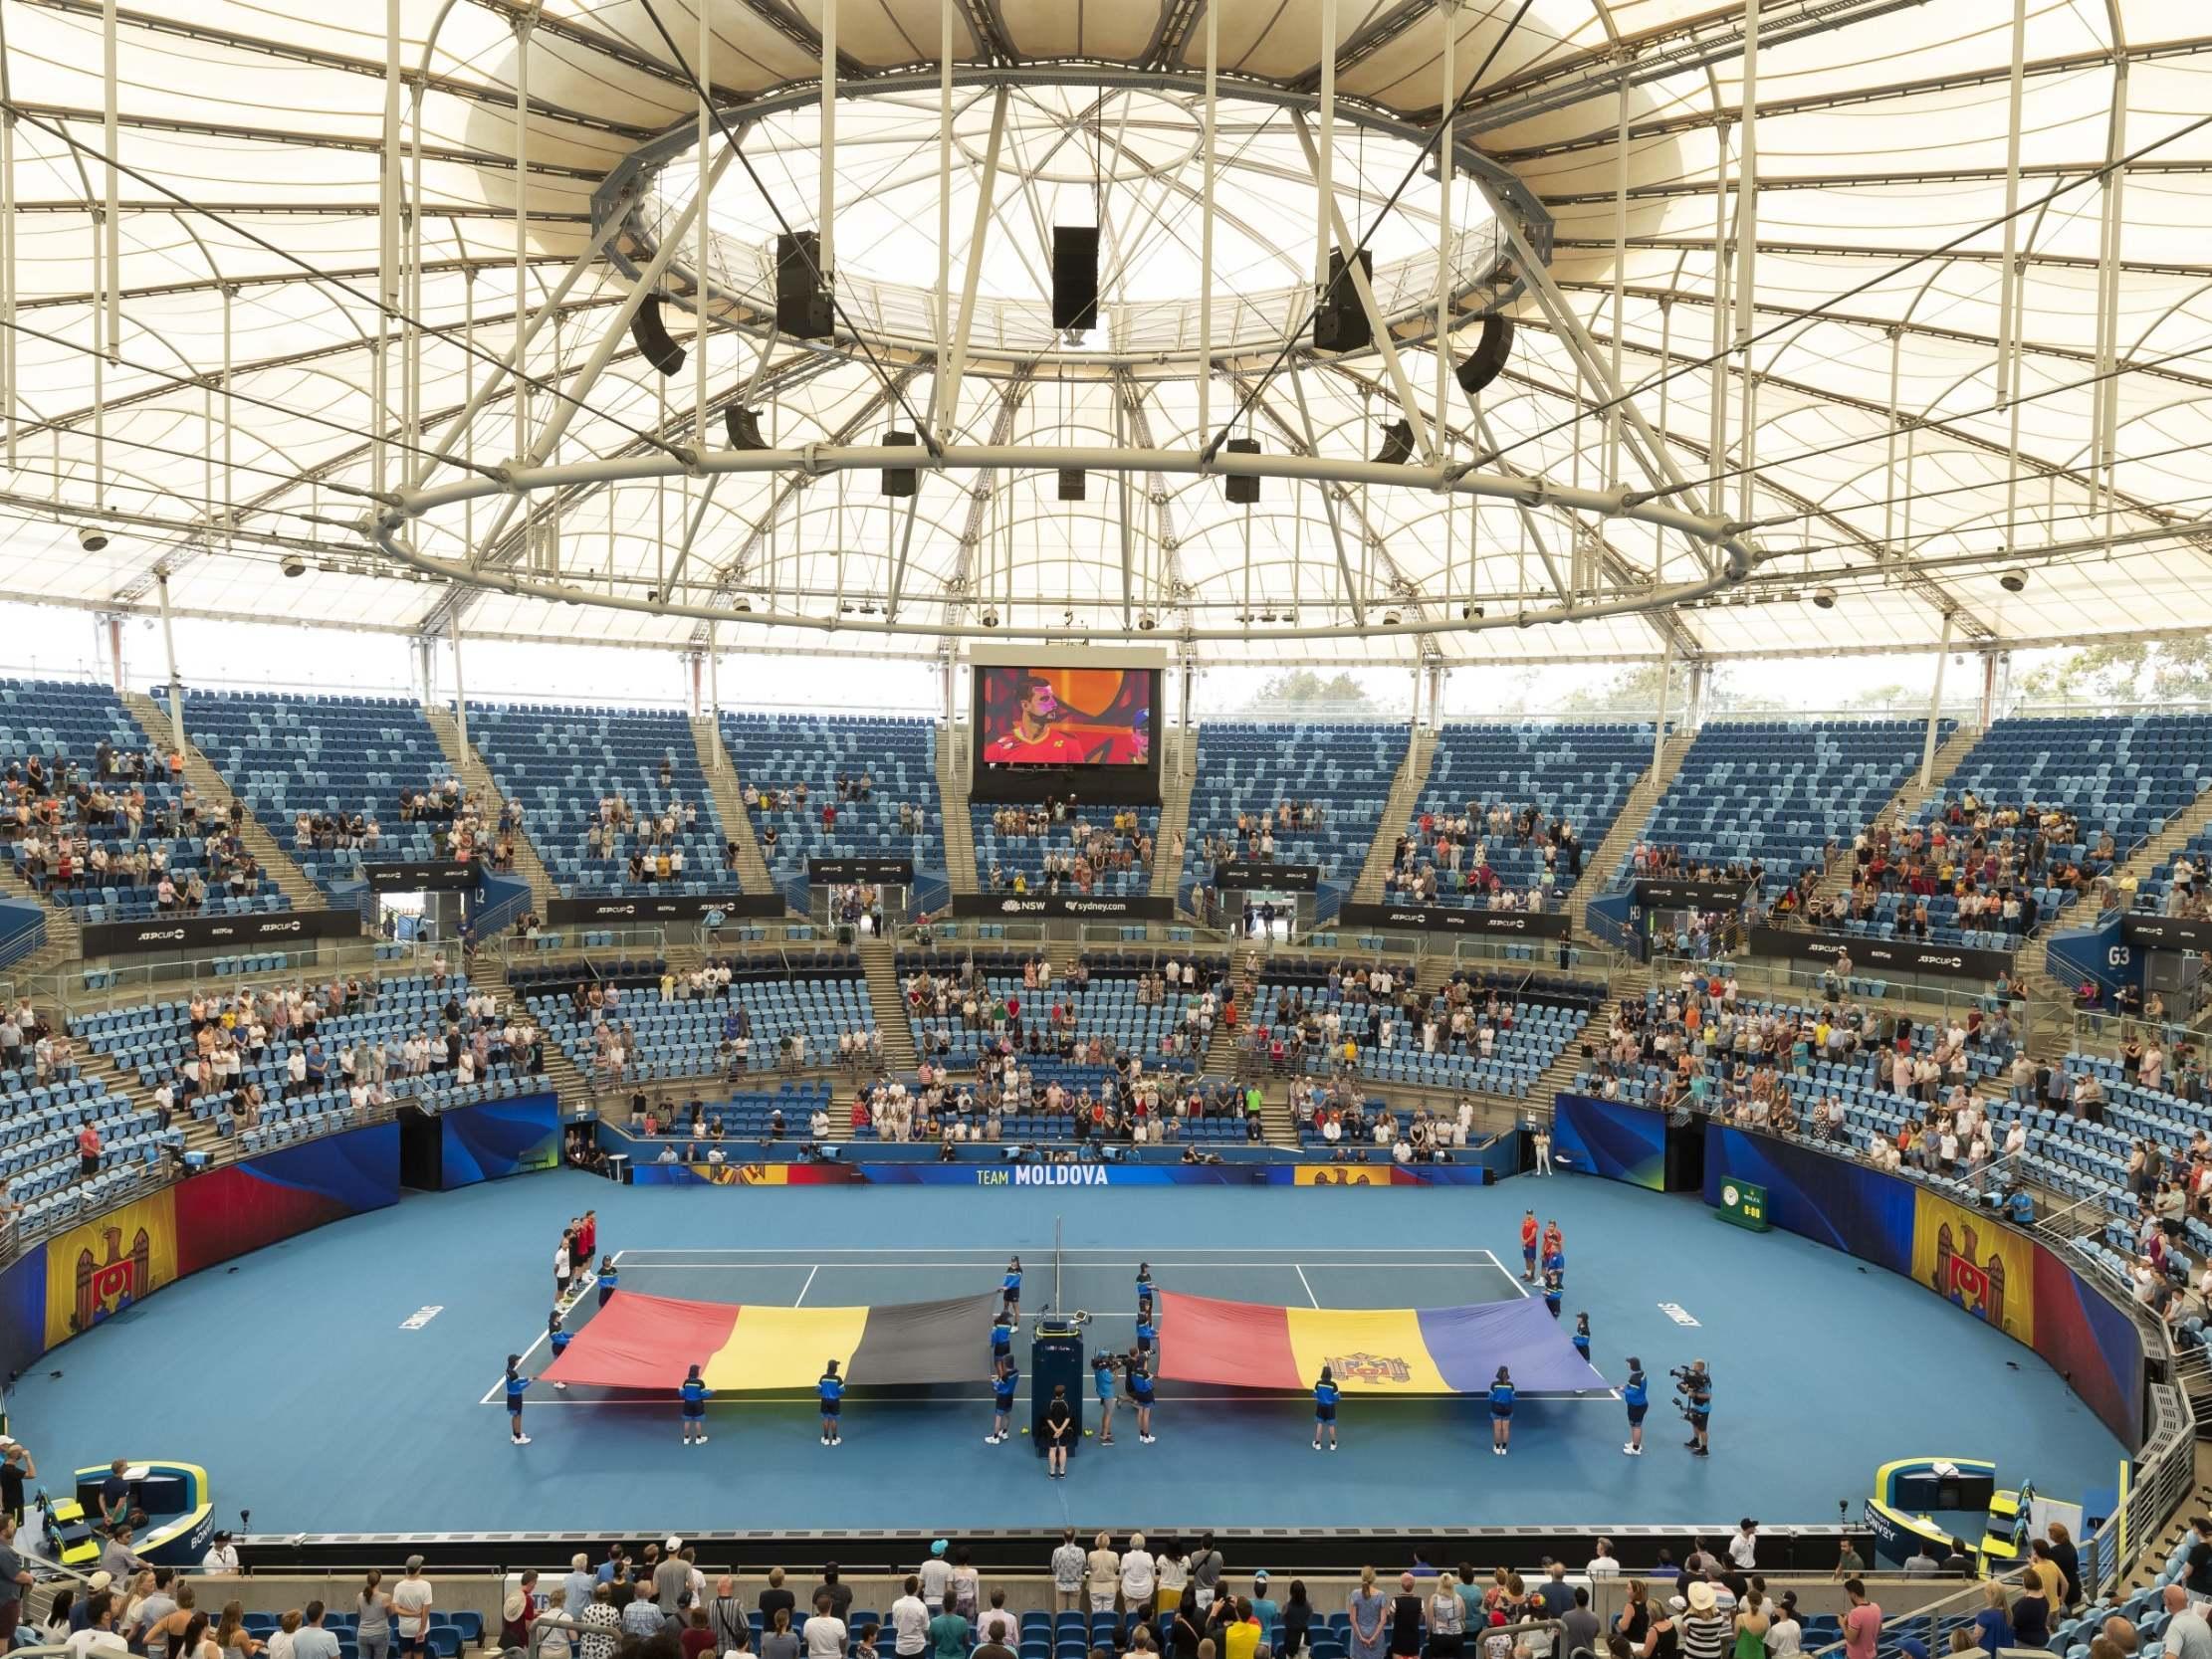 На открытии теннисного матча по ошибке включили гимн другой страны